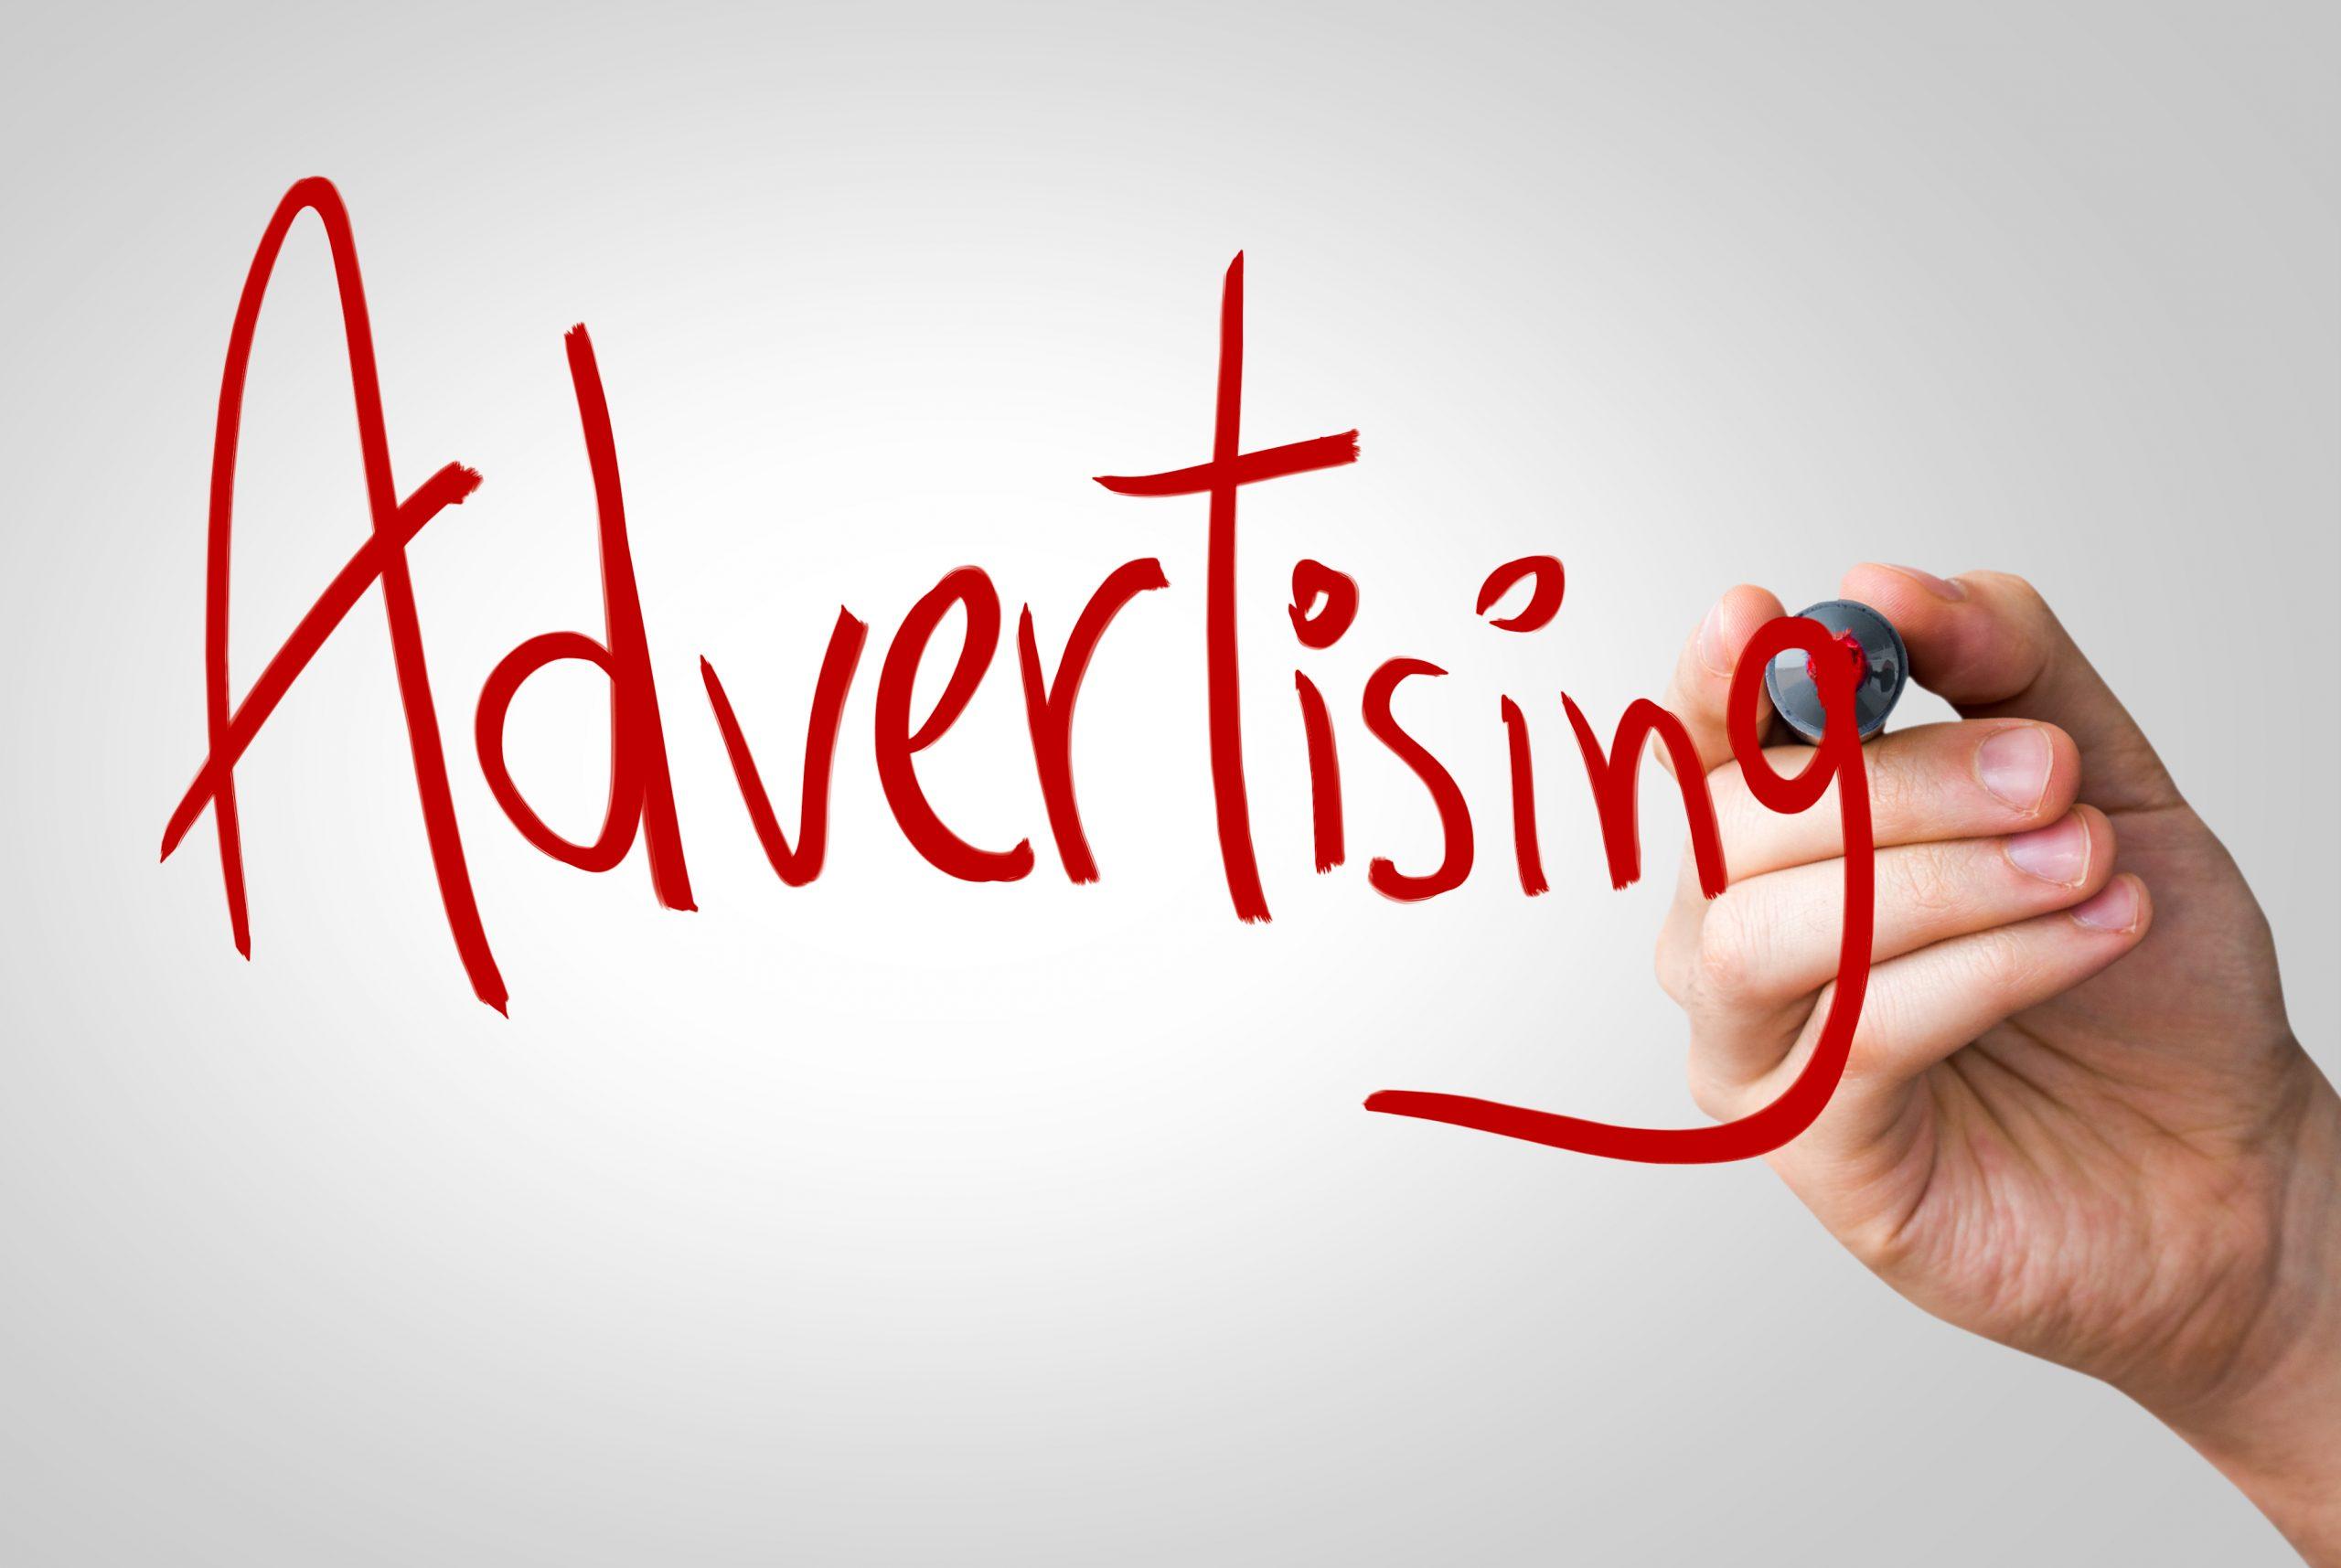 بررسی مزایا و مبانی ساخت فیلم تبلیغاتی در آموزش تک